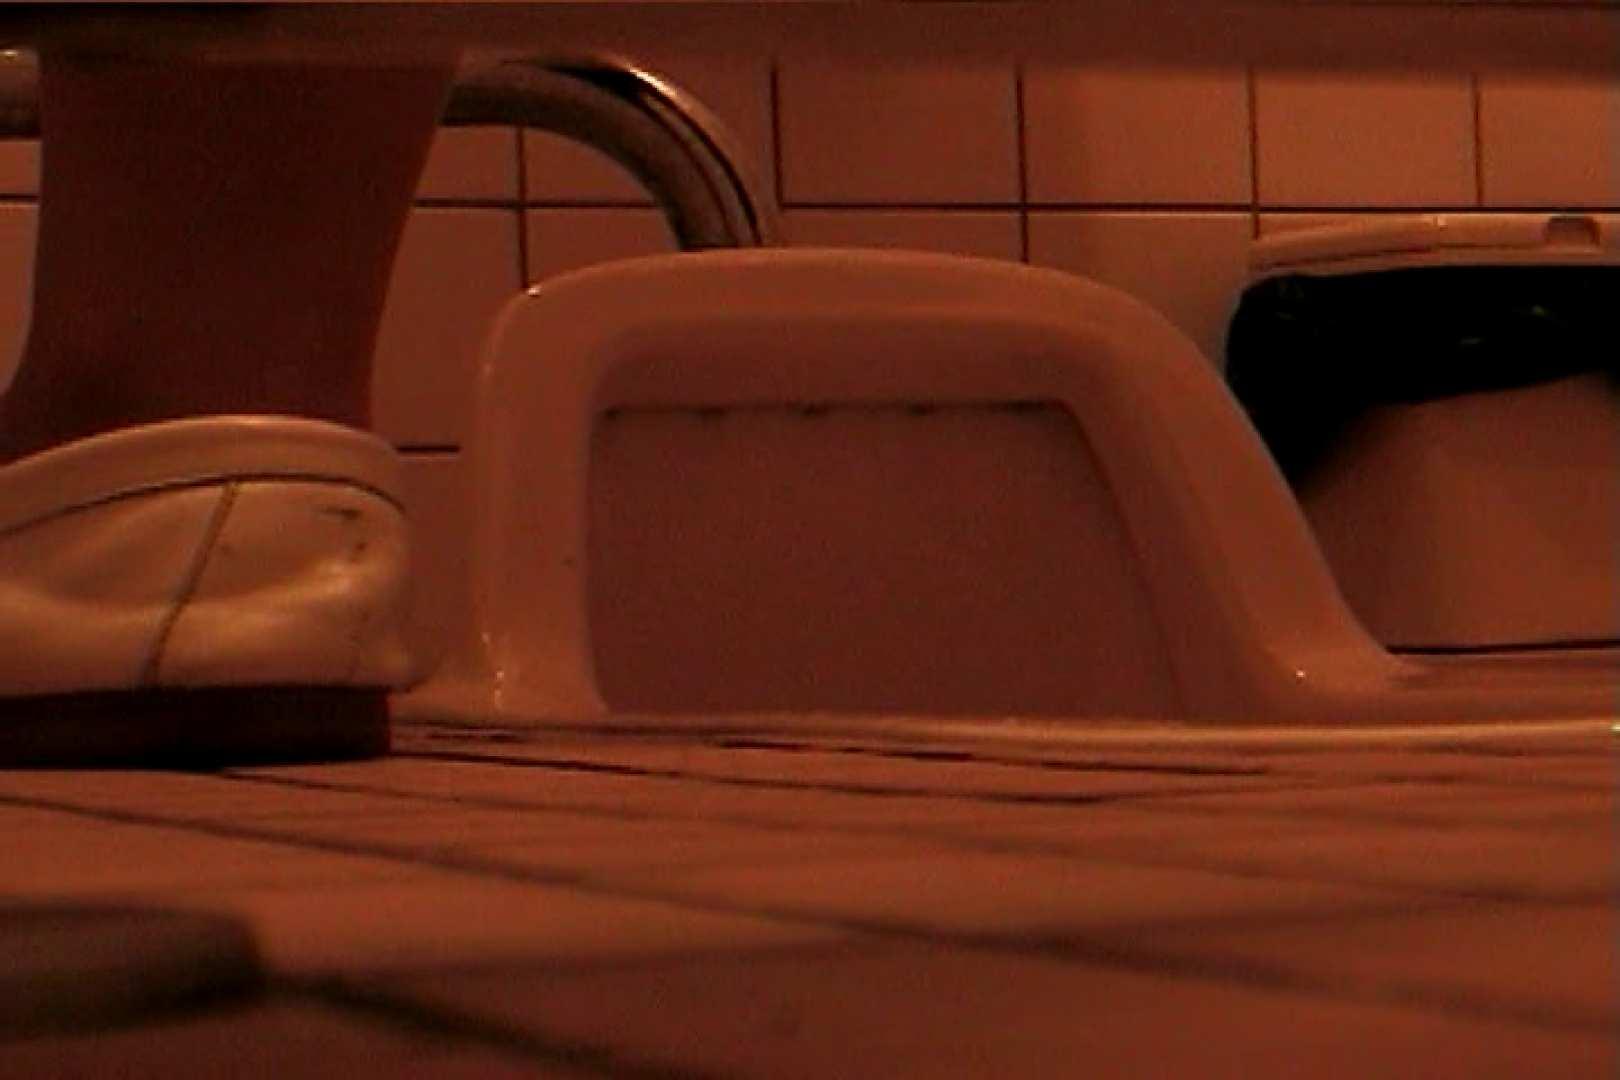 マンコ丸見え女子洗面所Vol.43 マンコ・ムレムレ | 美しいOLの裸体  77pic 21